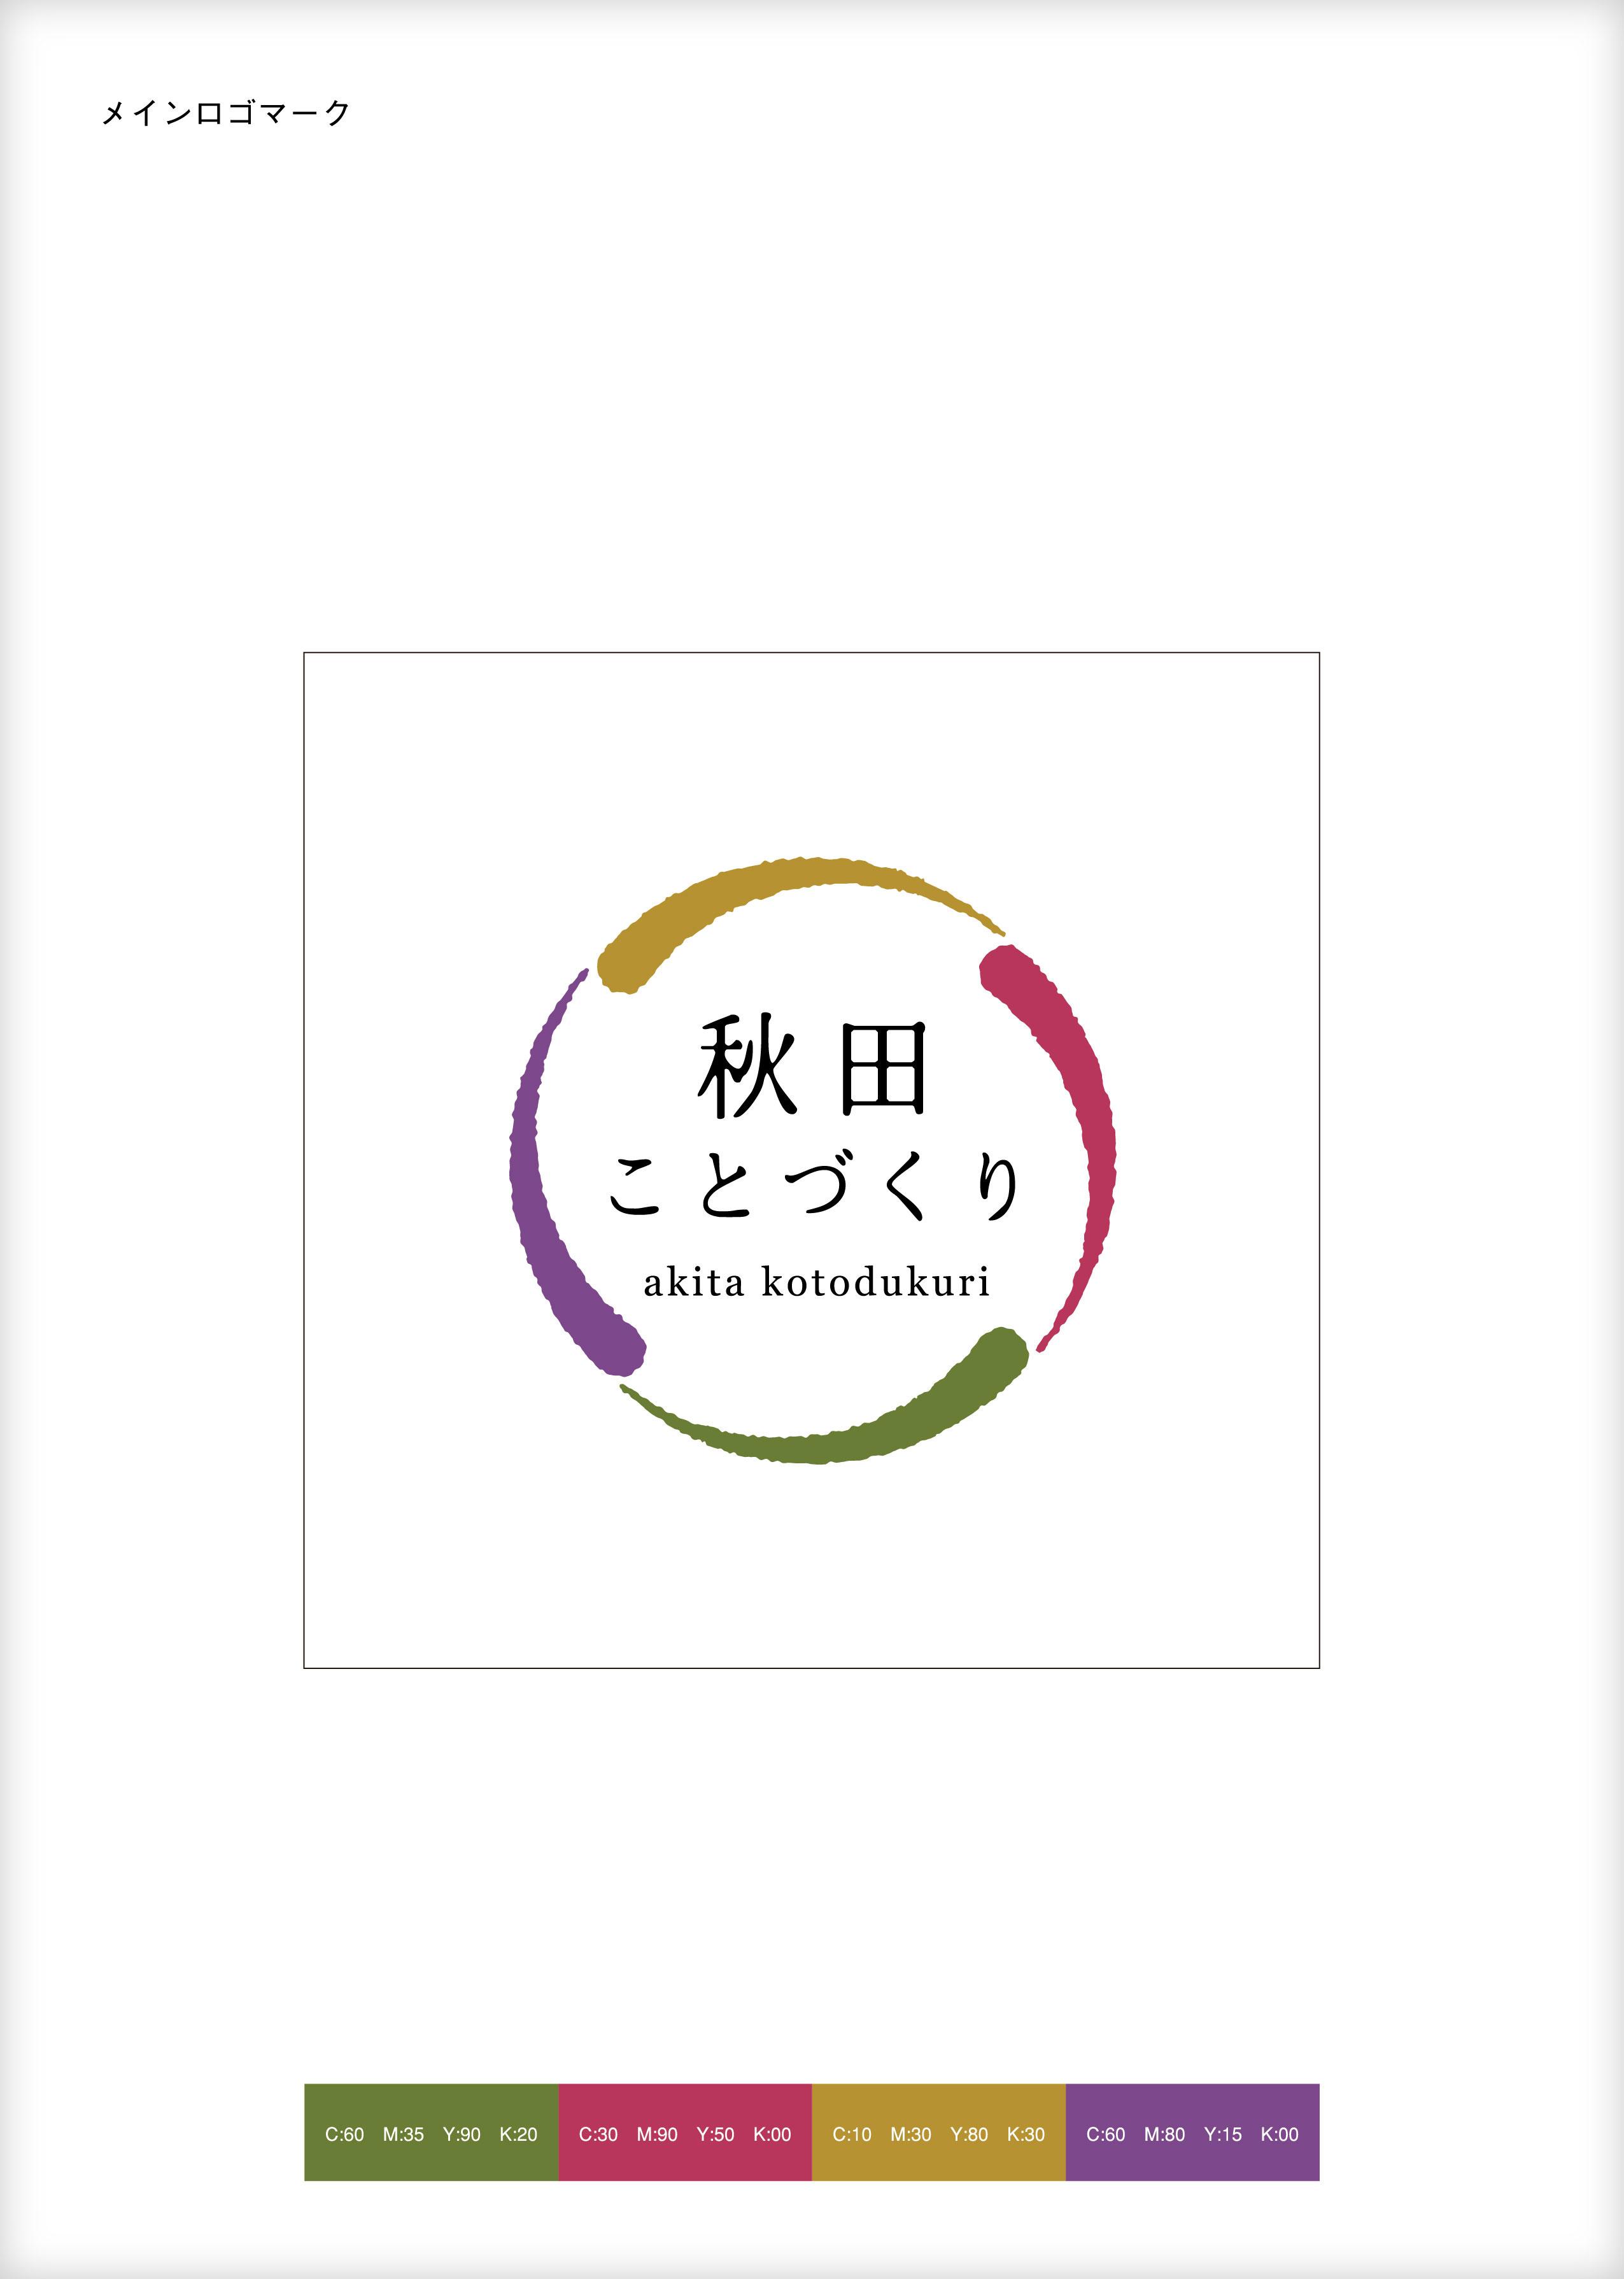 akita_kotodukuri02